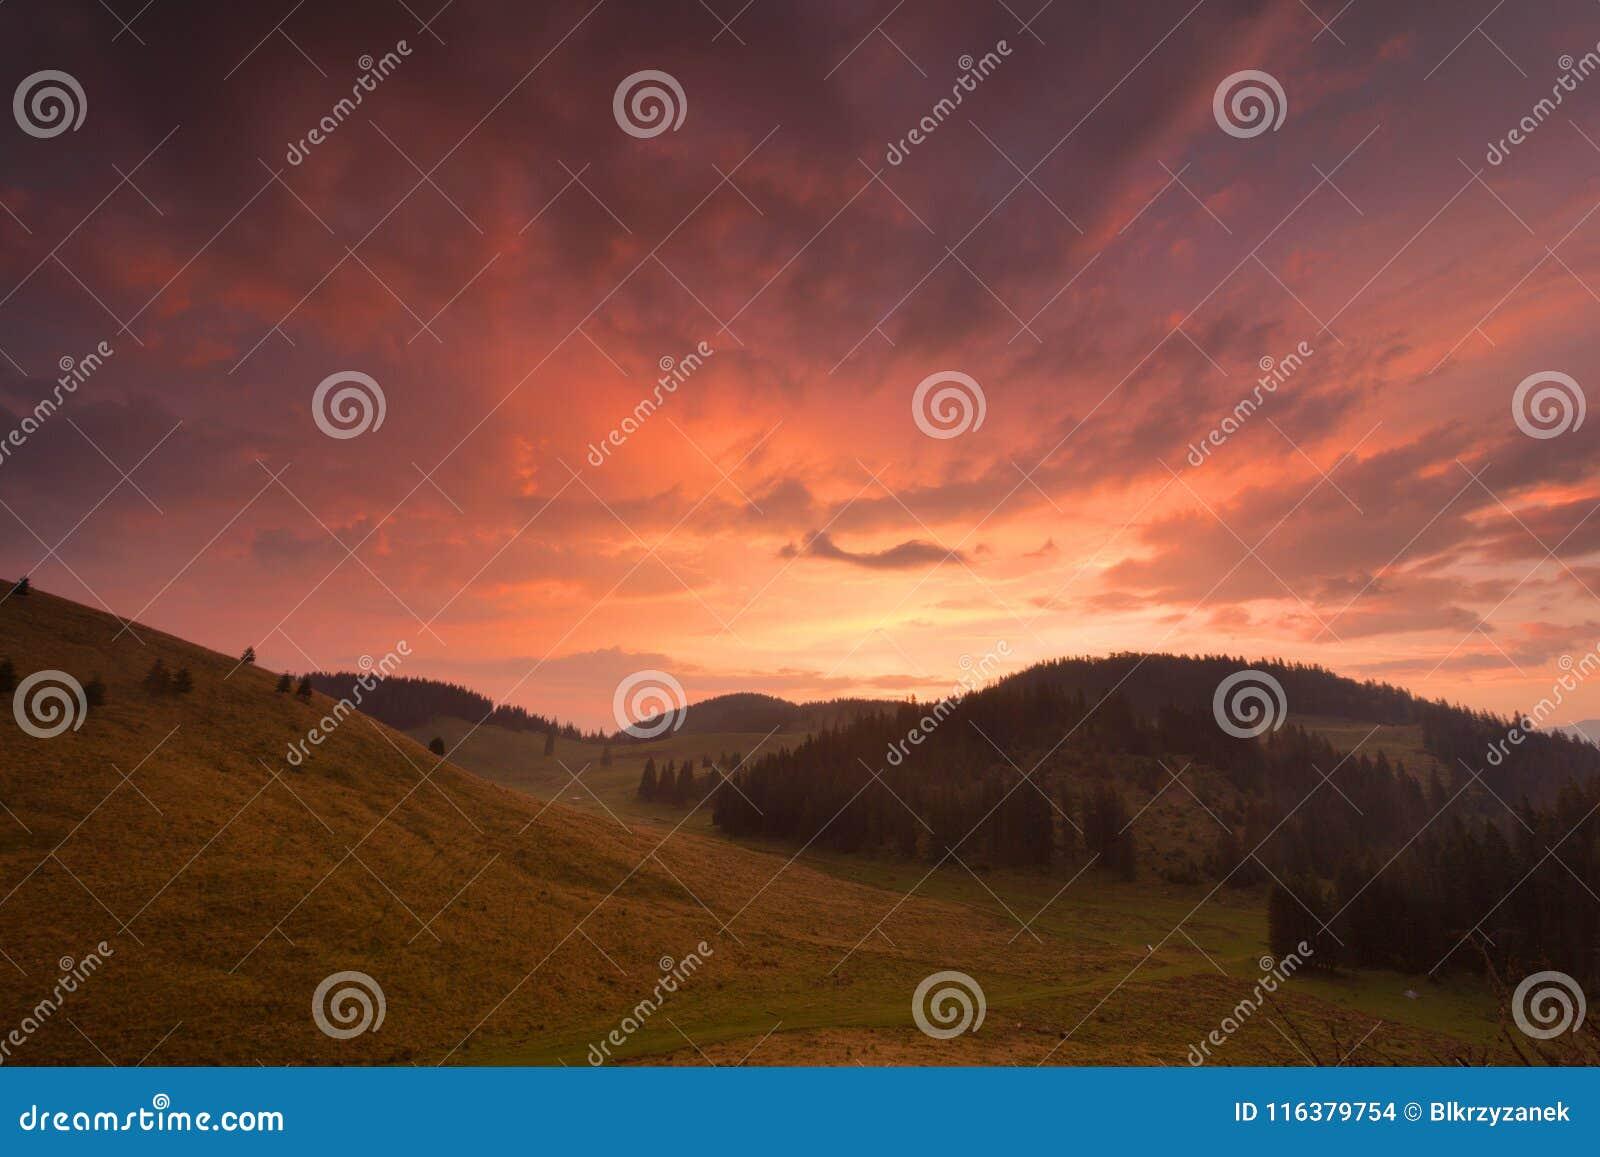 Sonnenaufgang nach Regen auf einer Sommerweide in Rumänien